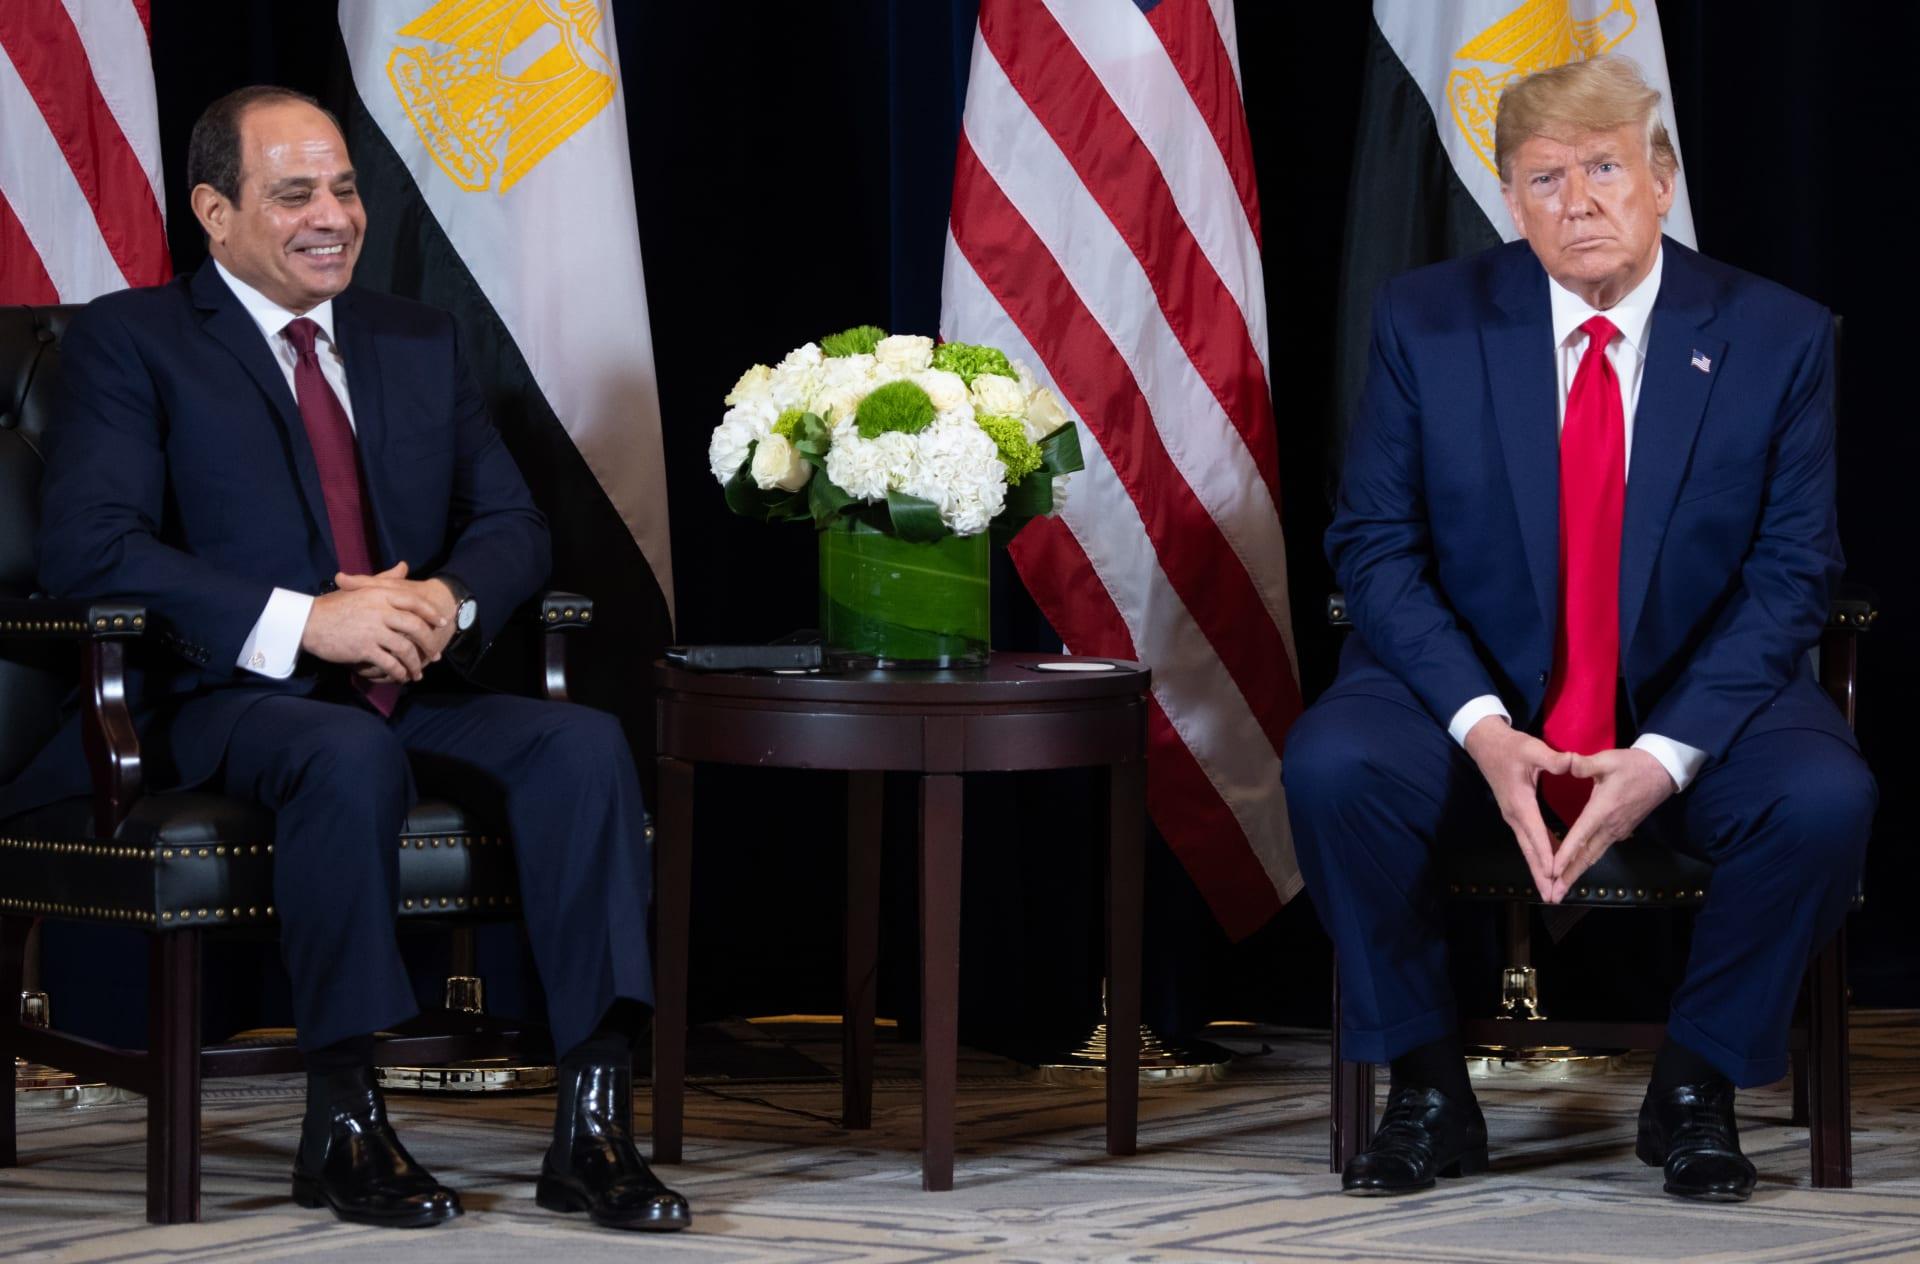 ترامب خلال لقاء مع السيسي في نيويورك على هامش الجمعية العامة للأمم المتحدة